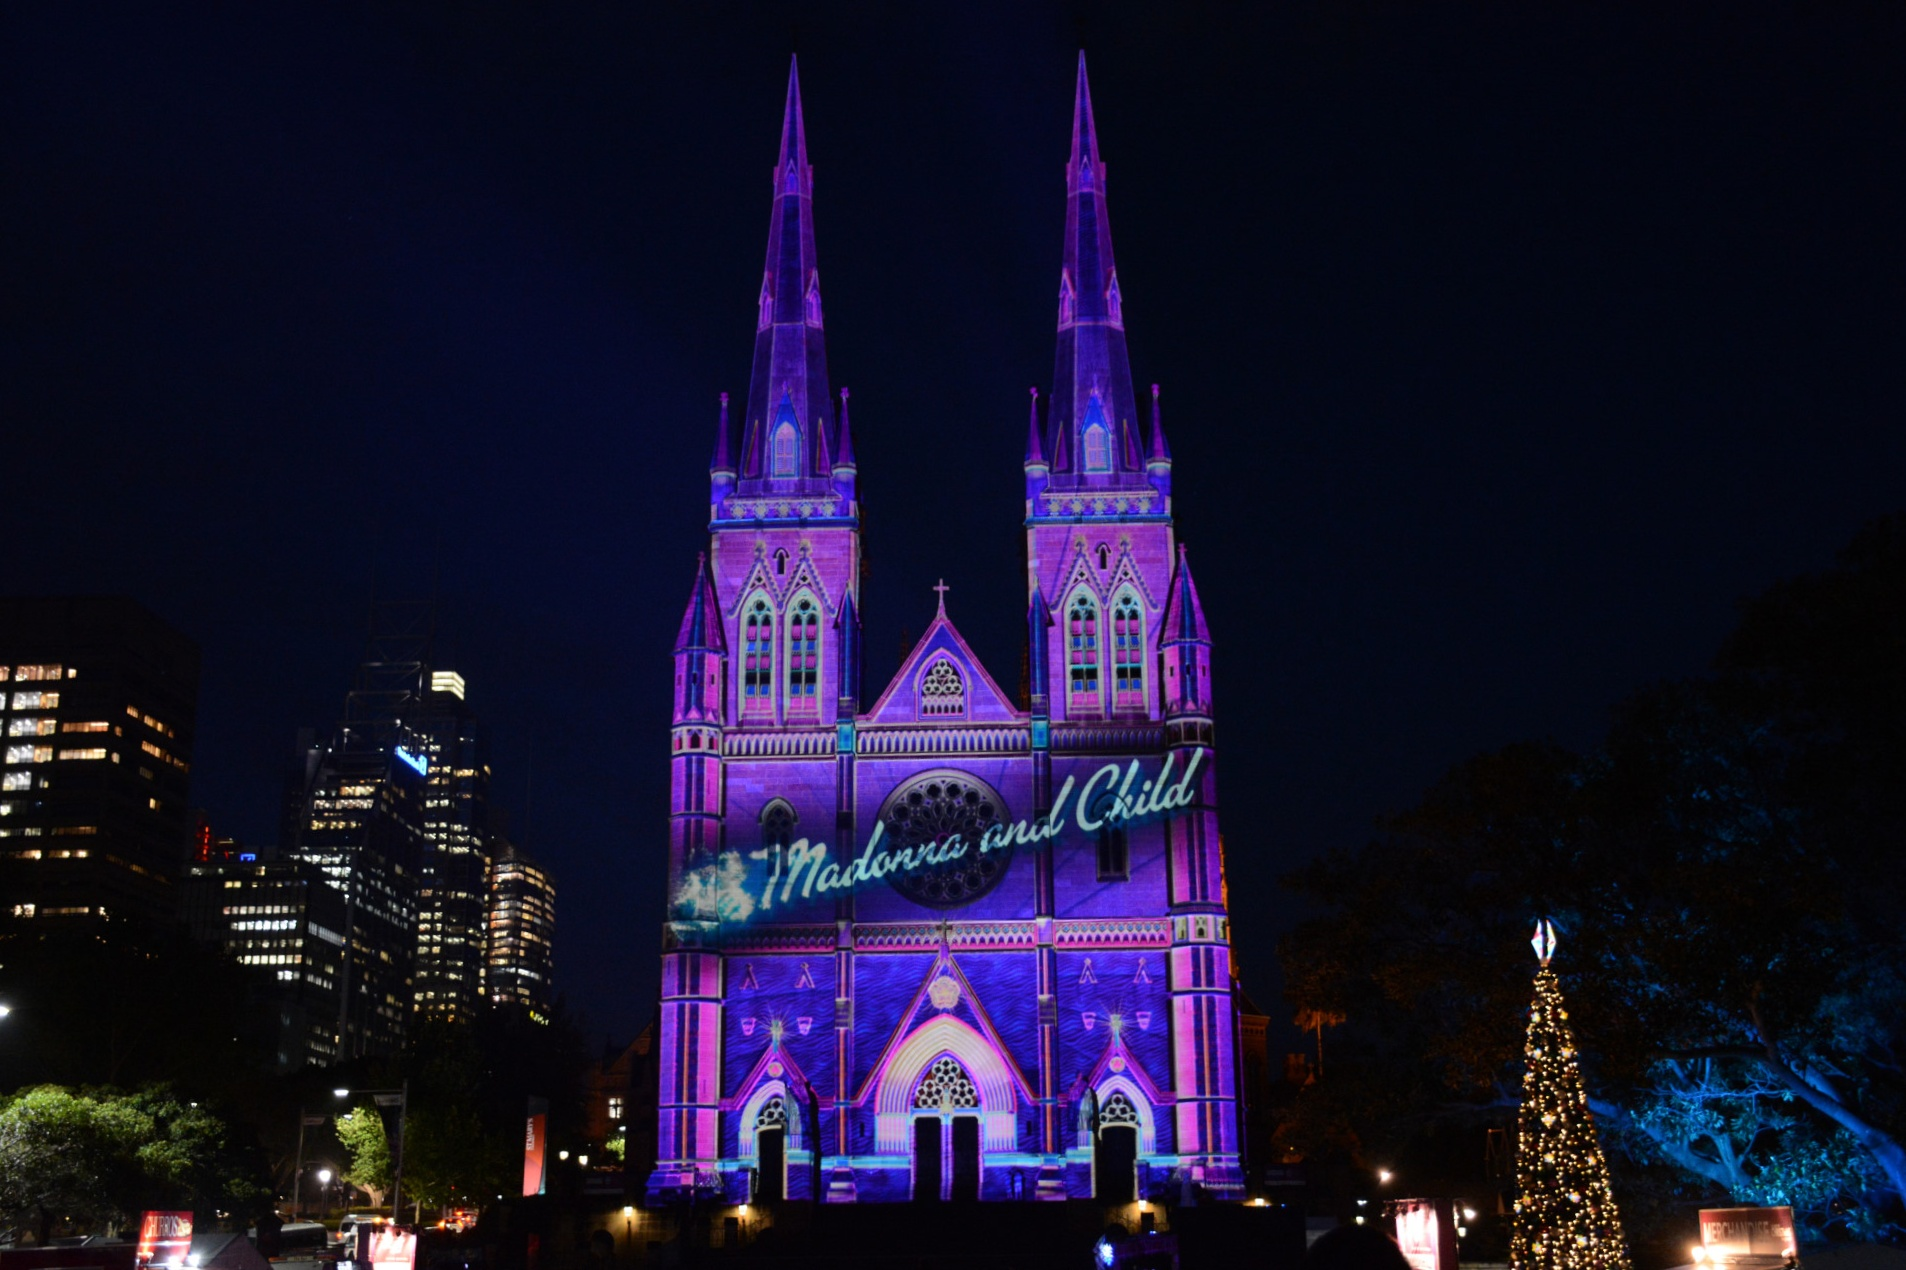 Świąteczne Sydney/Christmas Sydney